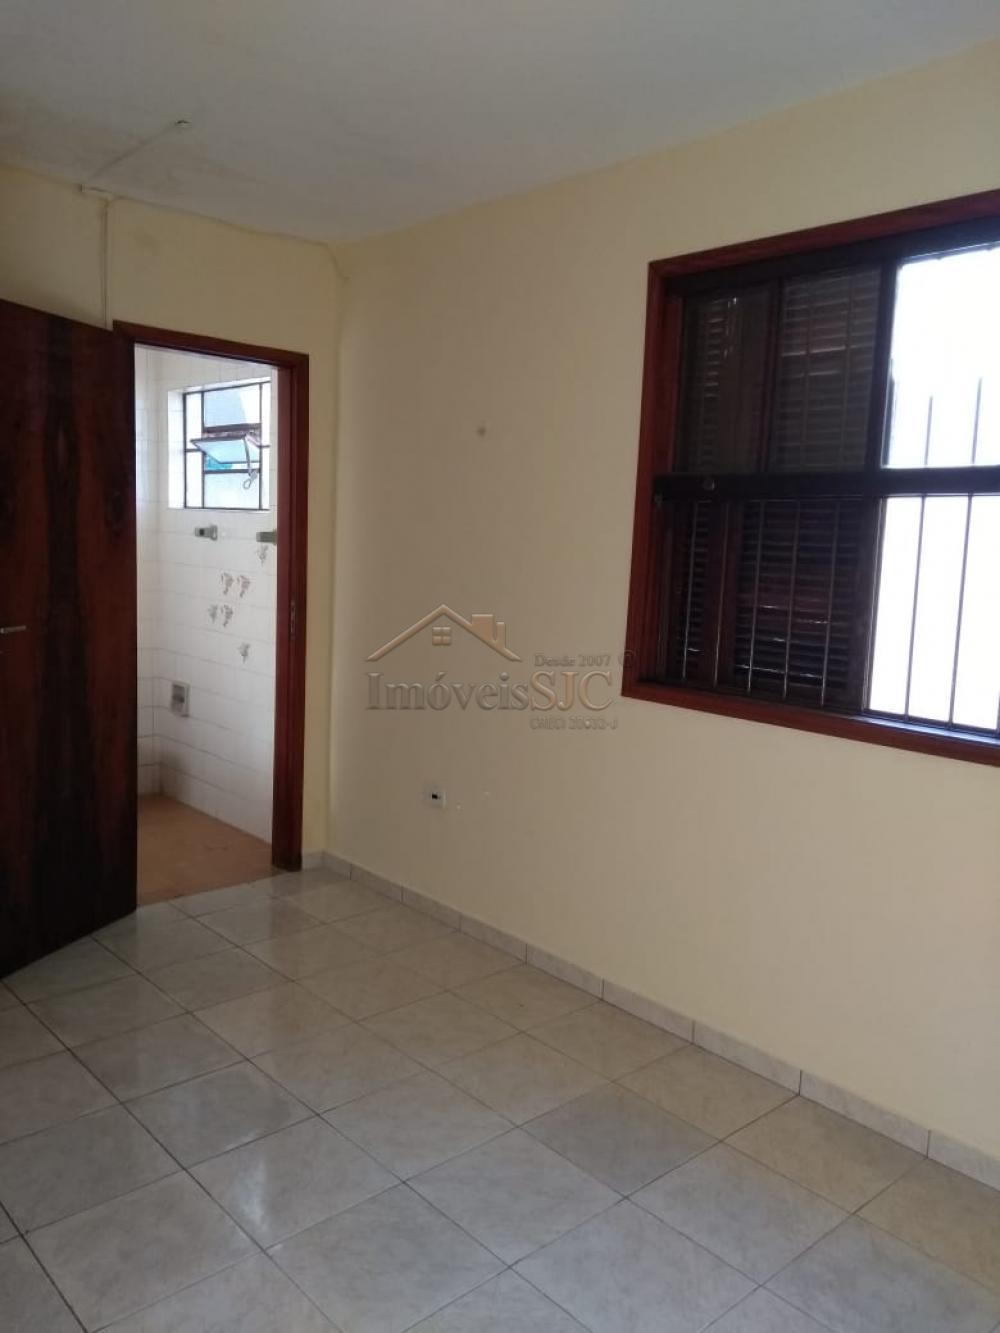 Alugar Casas / Padrão em São José dos Campos apenas R$ 1.800,00 - Foto 14